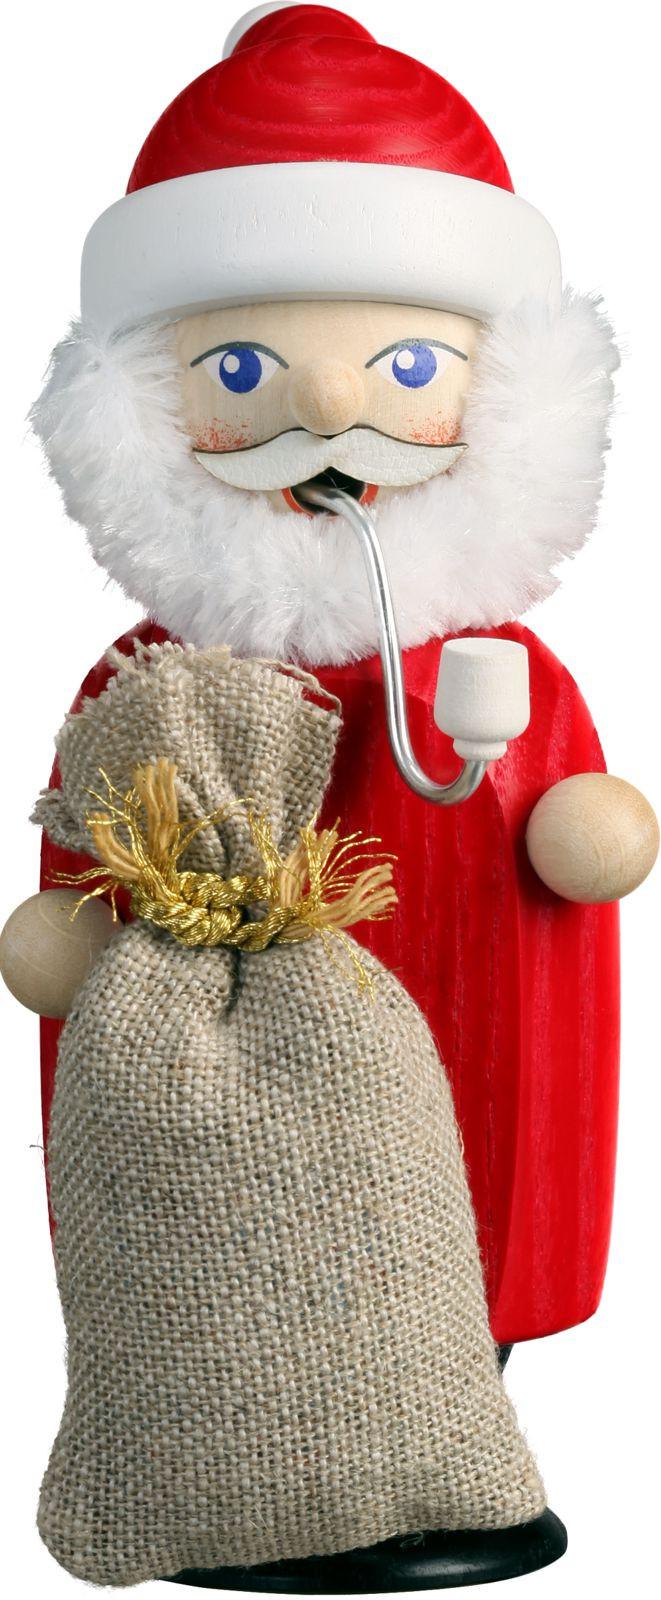 Räuchermann Weihnachtsmann - Kleiner Geselle